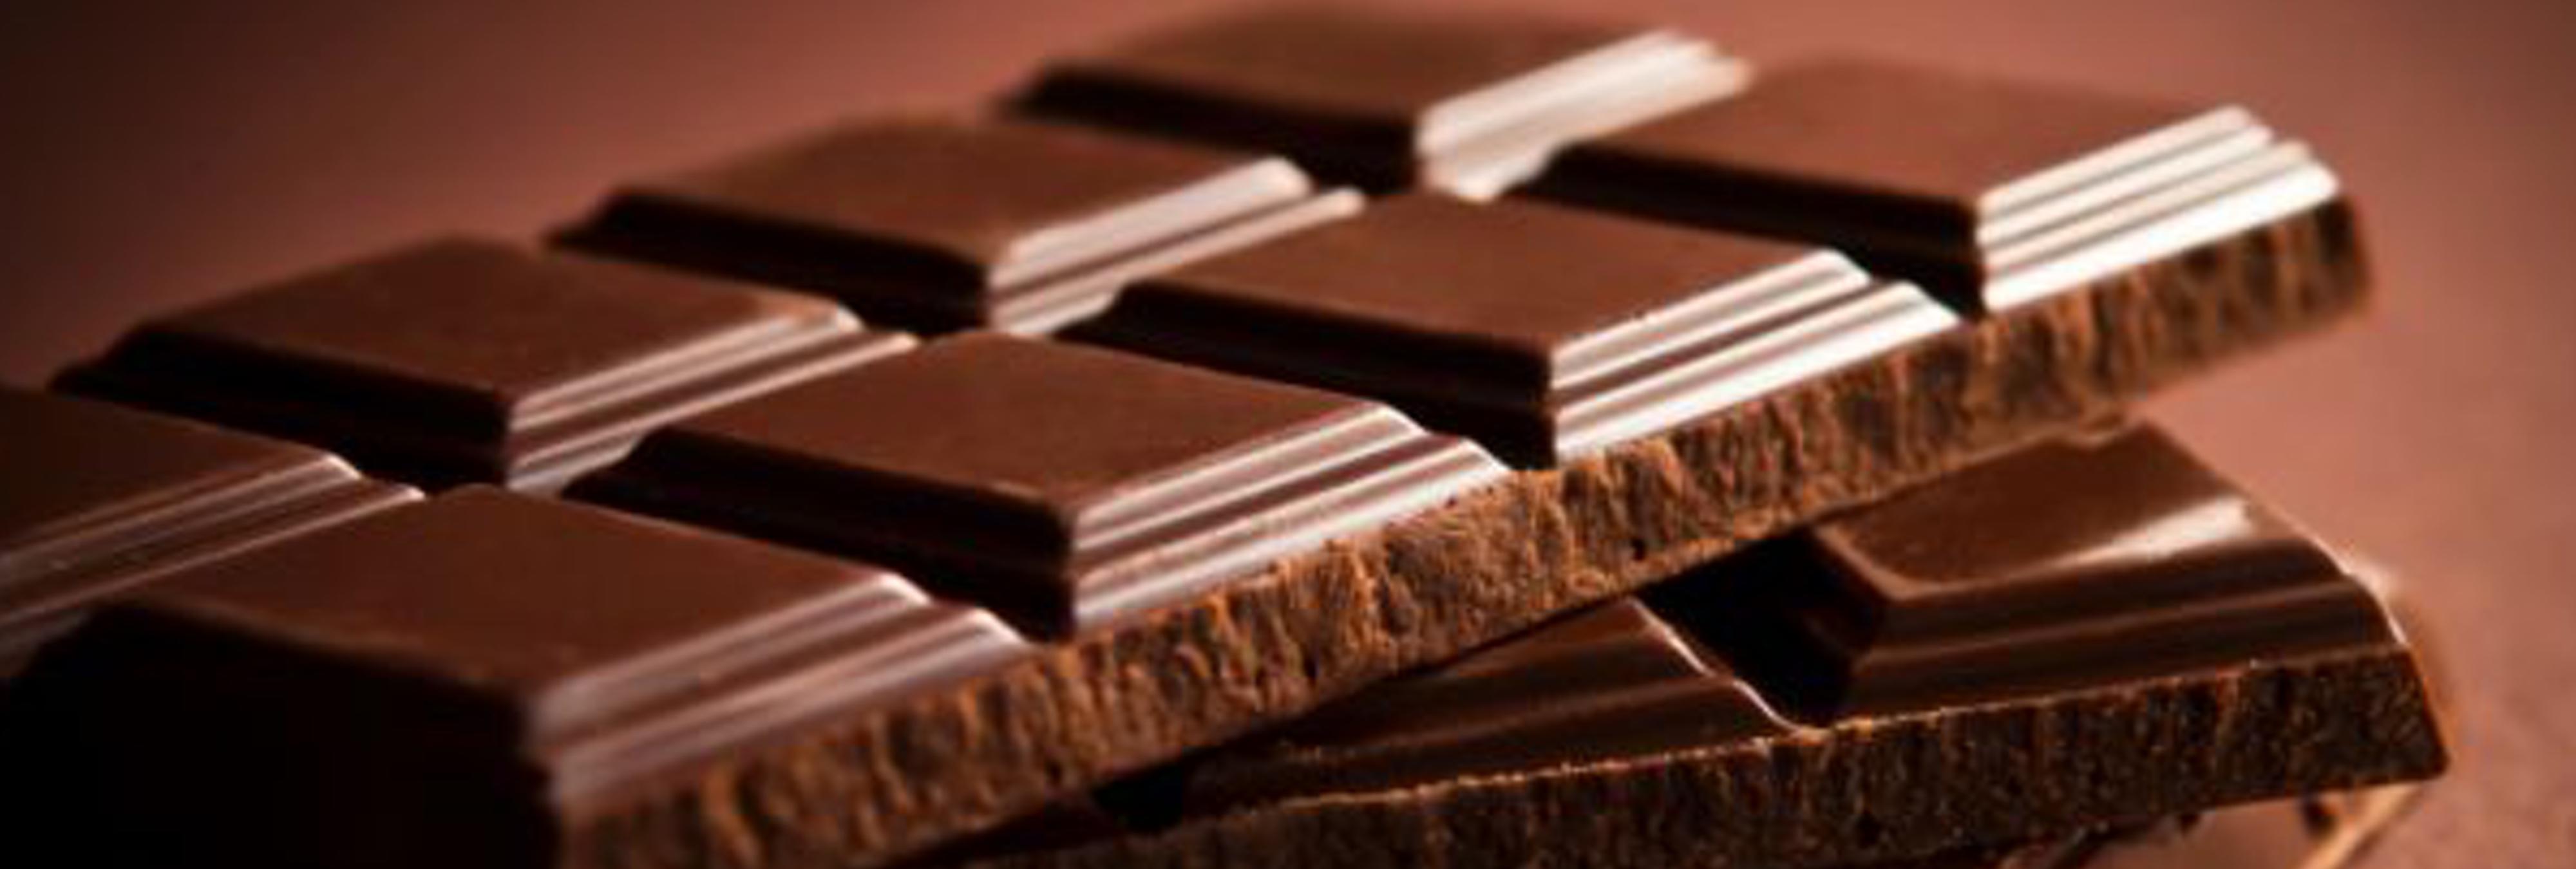 El café y el chocolate desaparecerán en los próximos años con la 6ª extinción del planeta